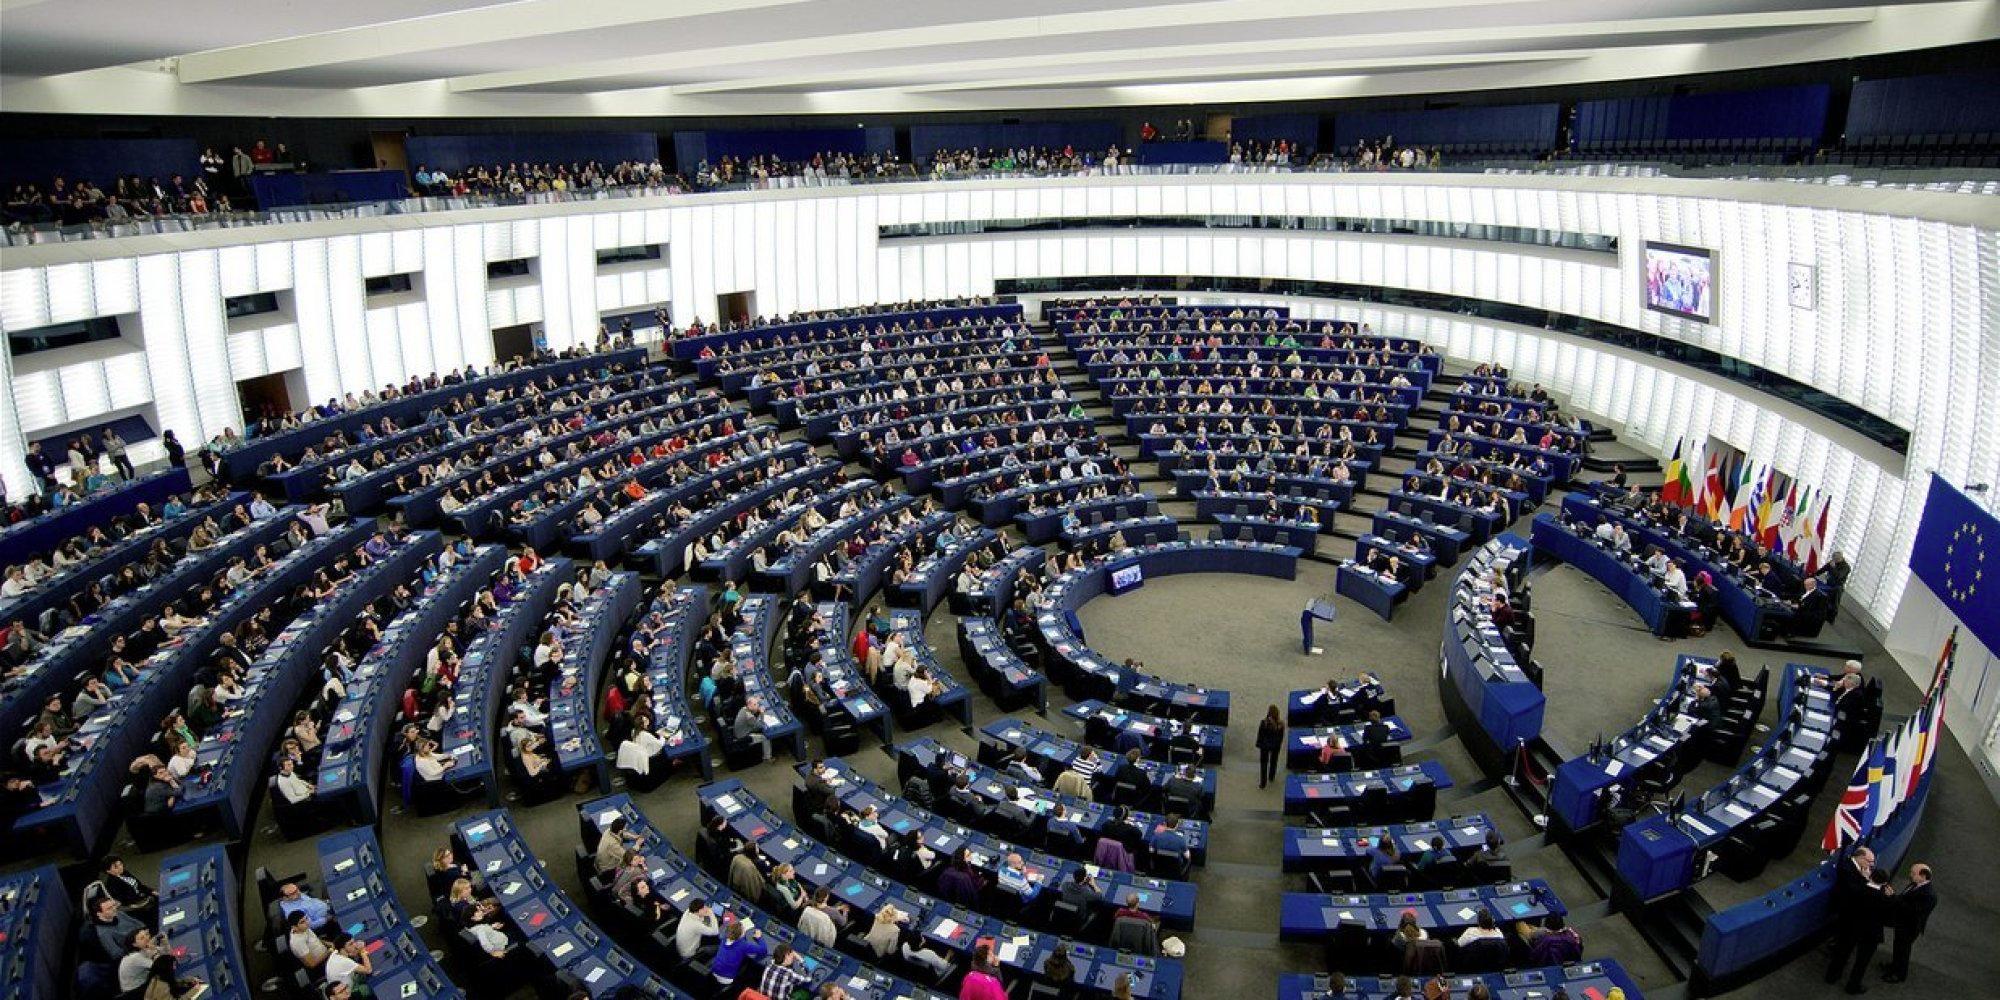 La UE aplicará sanciones adicionales contra la dictadura de Nicolás Maduro